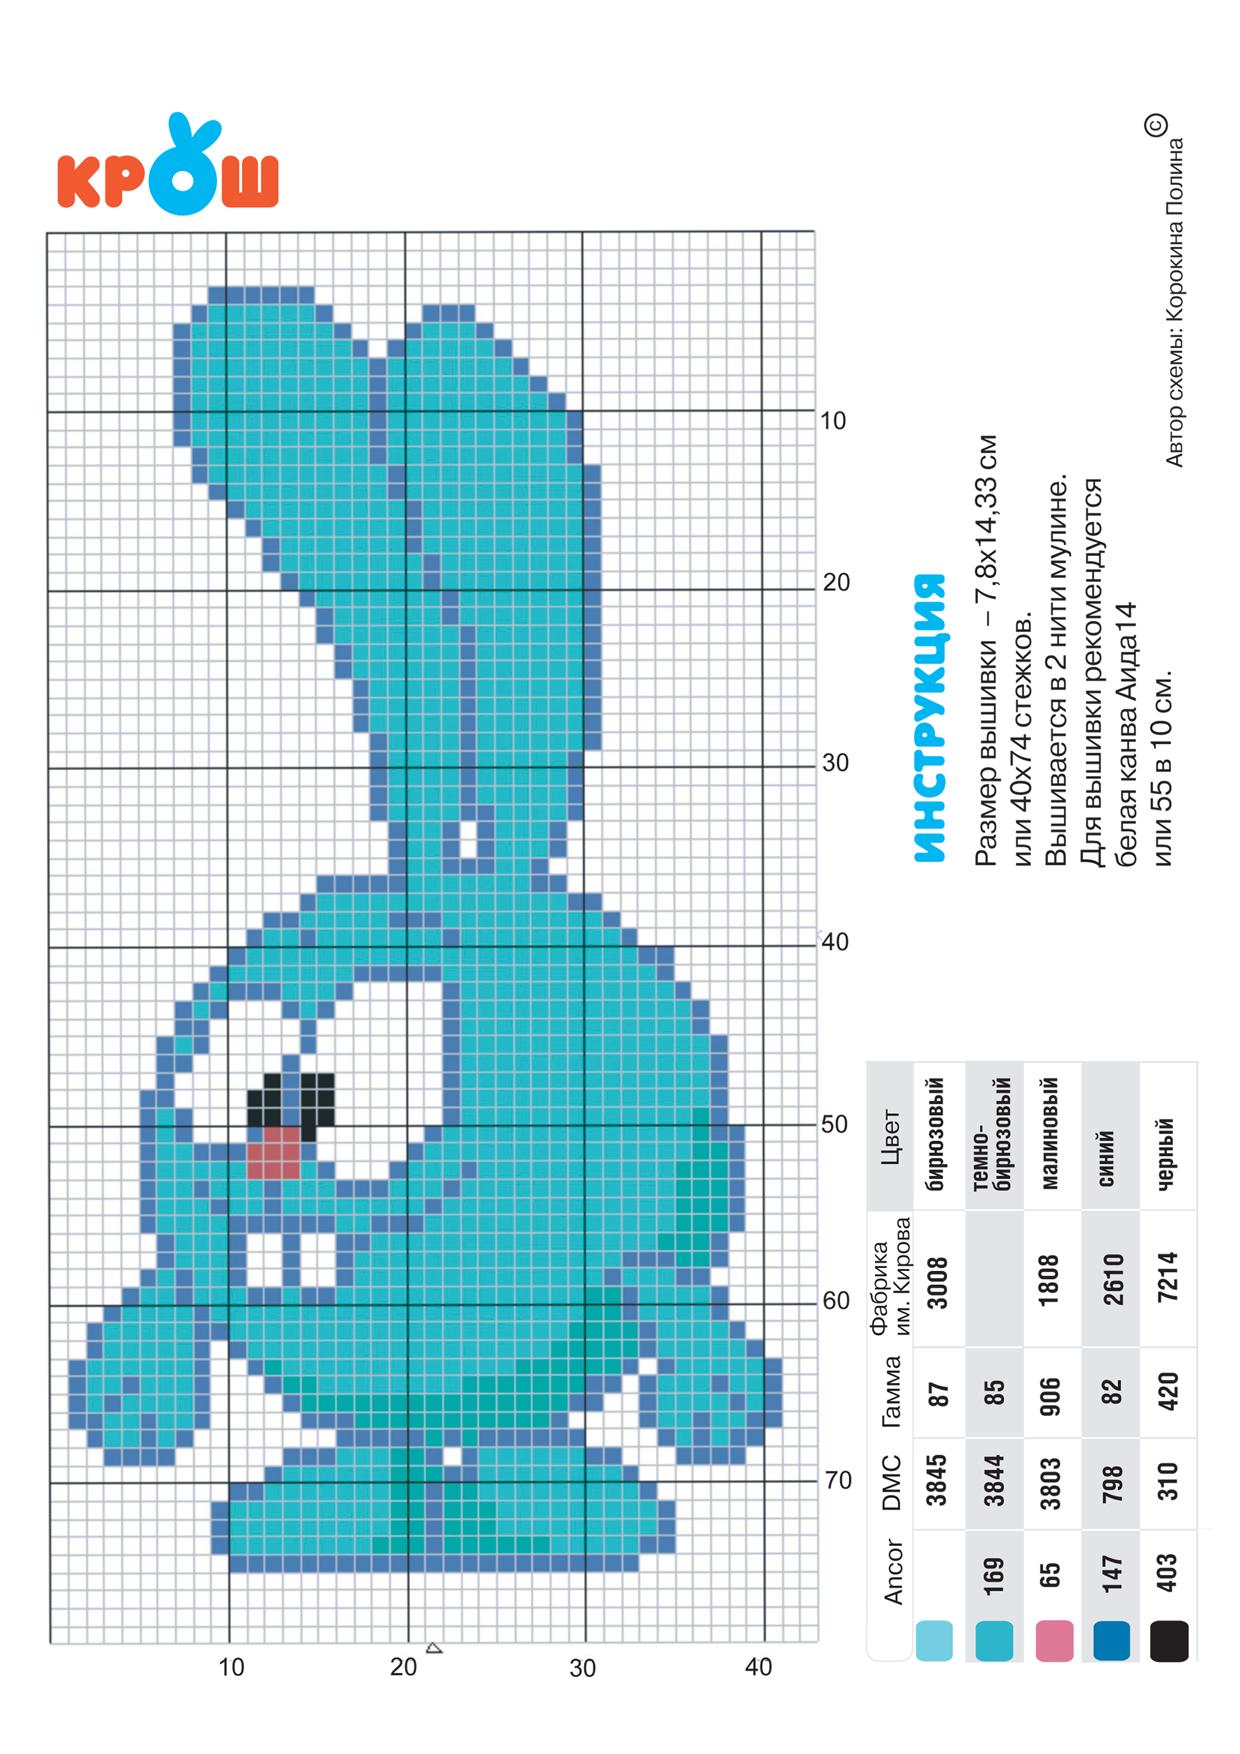 Как рисовать схему из таблицы